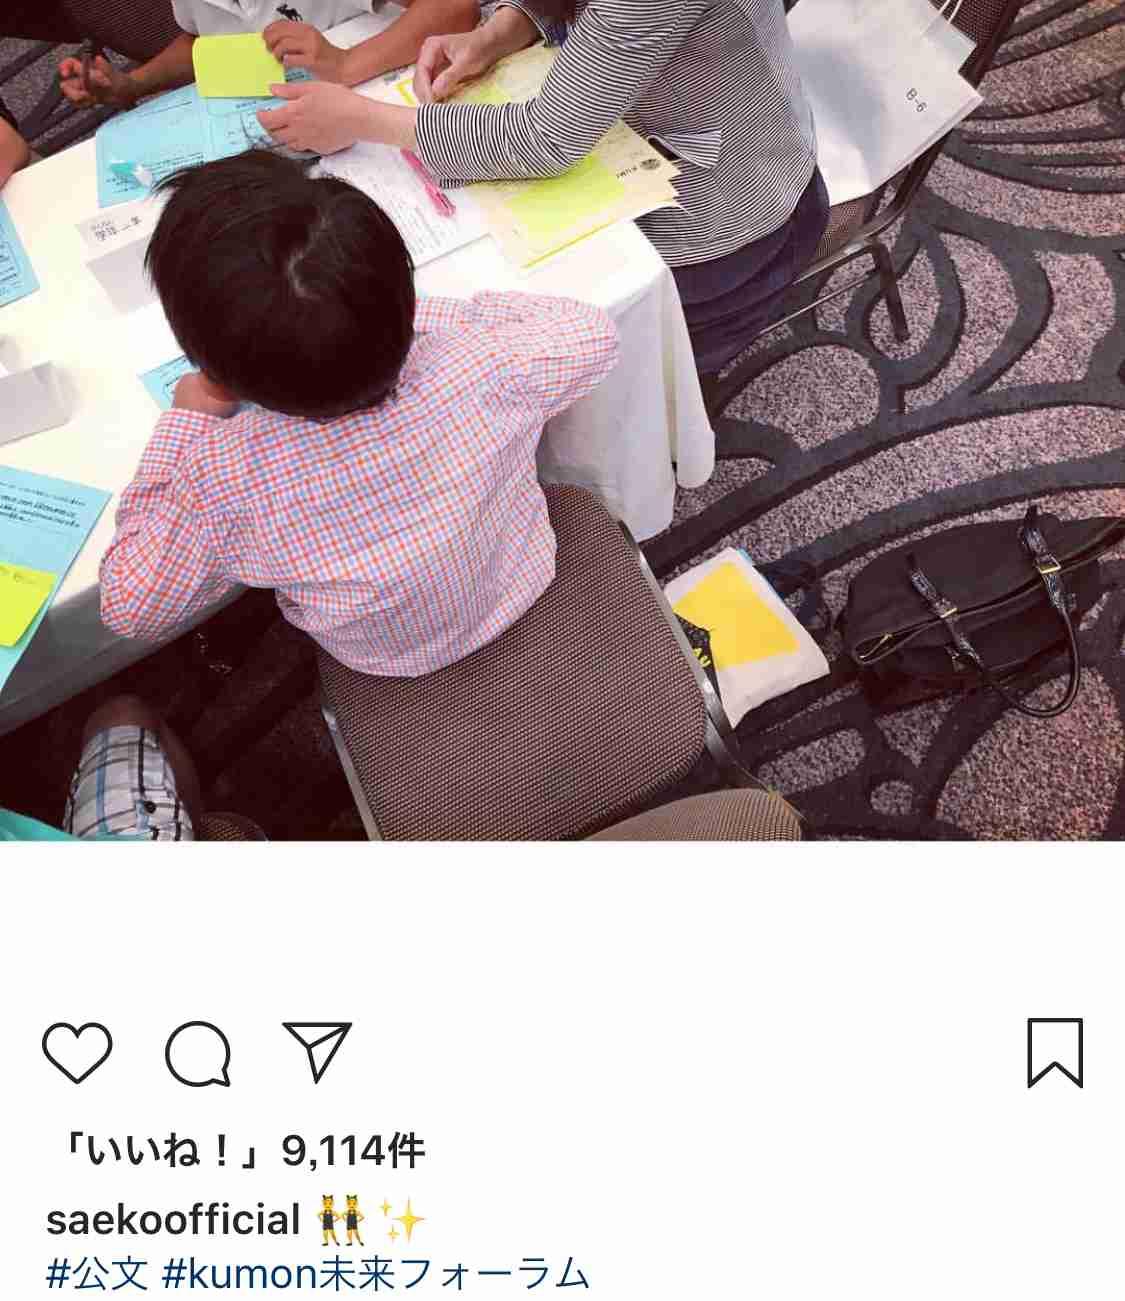 紗栄子、夏を満喫する姿に「子どもを連れ回さないで」と厳しい声が噴出